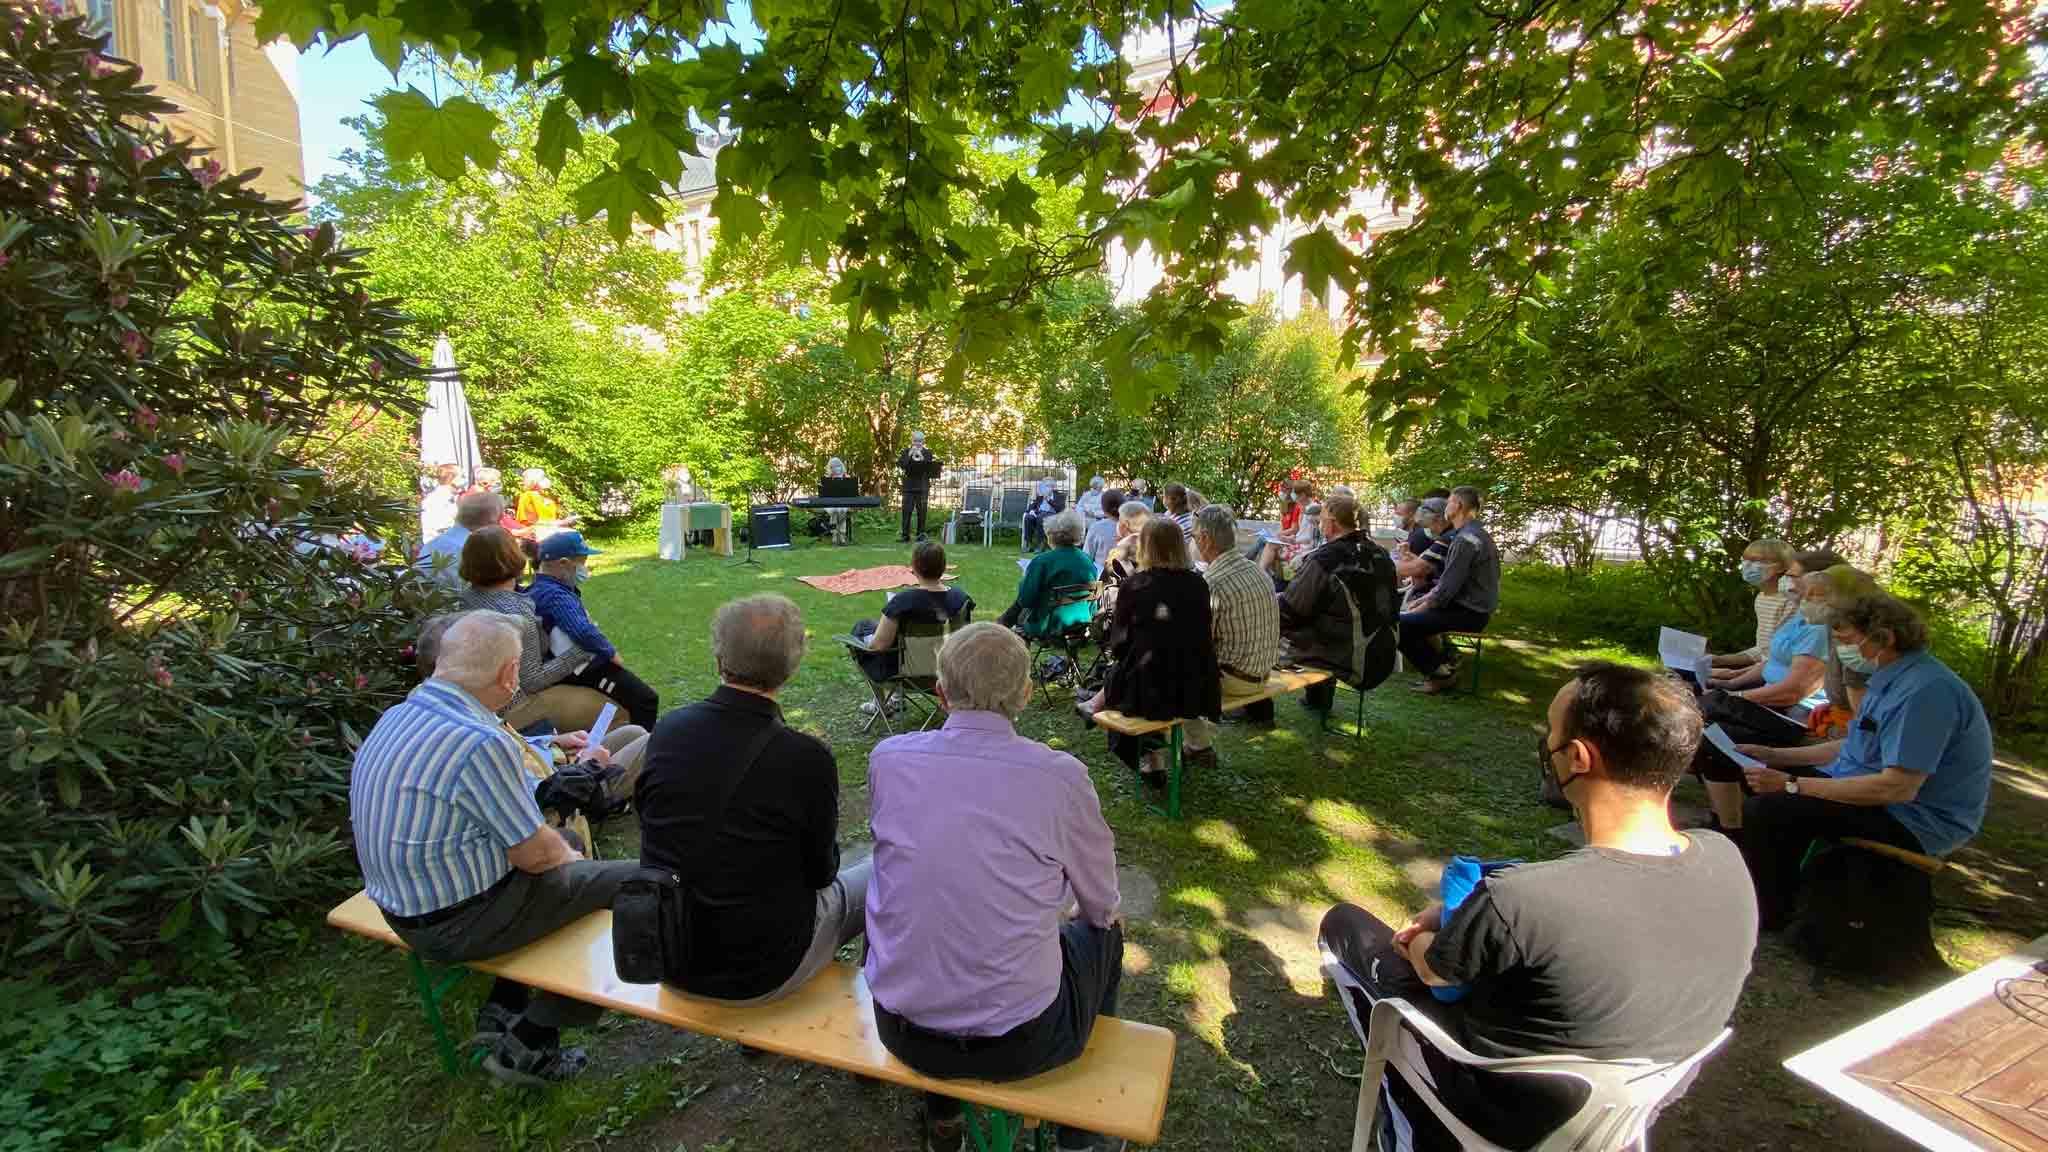 Picknickgottesdienst am 6. Juni 2021 im Garten der Deutschen Kirche in Helsinki